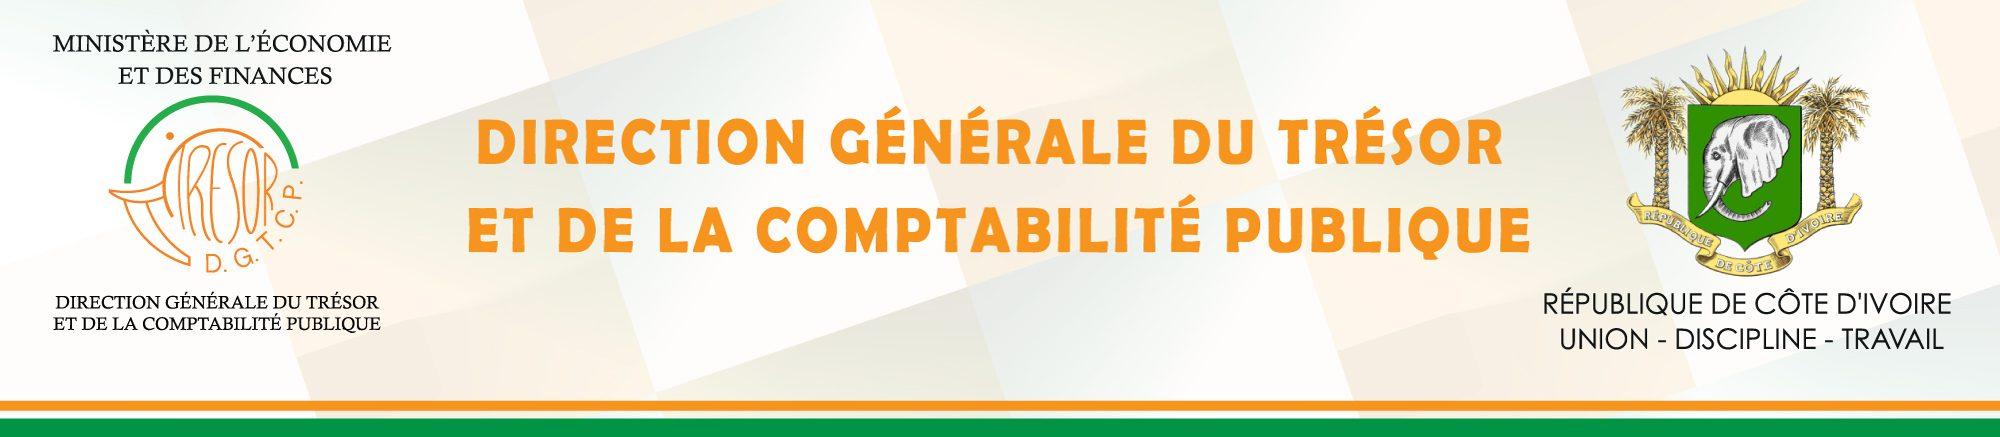 Côte-d'Ivoire : Bouclage d'une opération de gestion active de la dette portant sur 232 milliards de FCFA